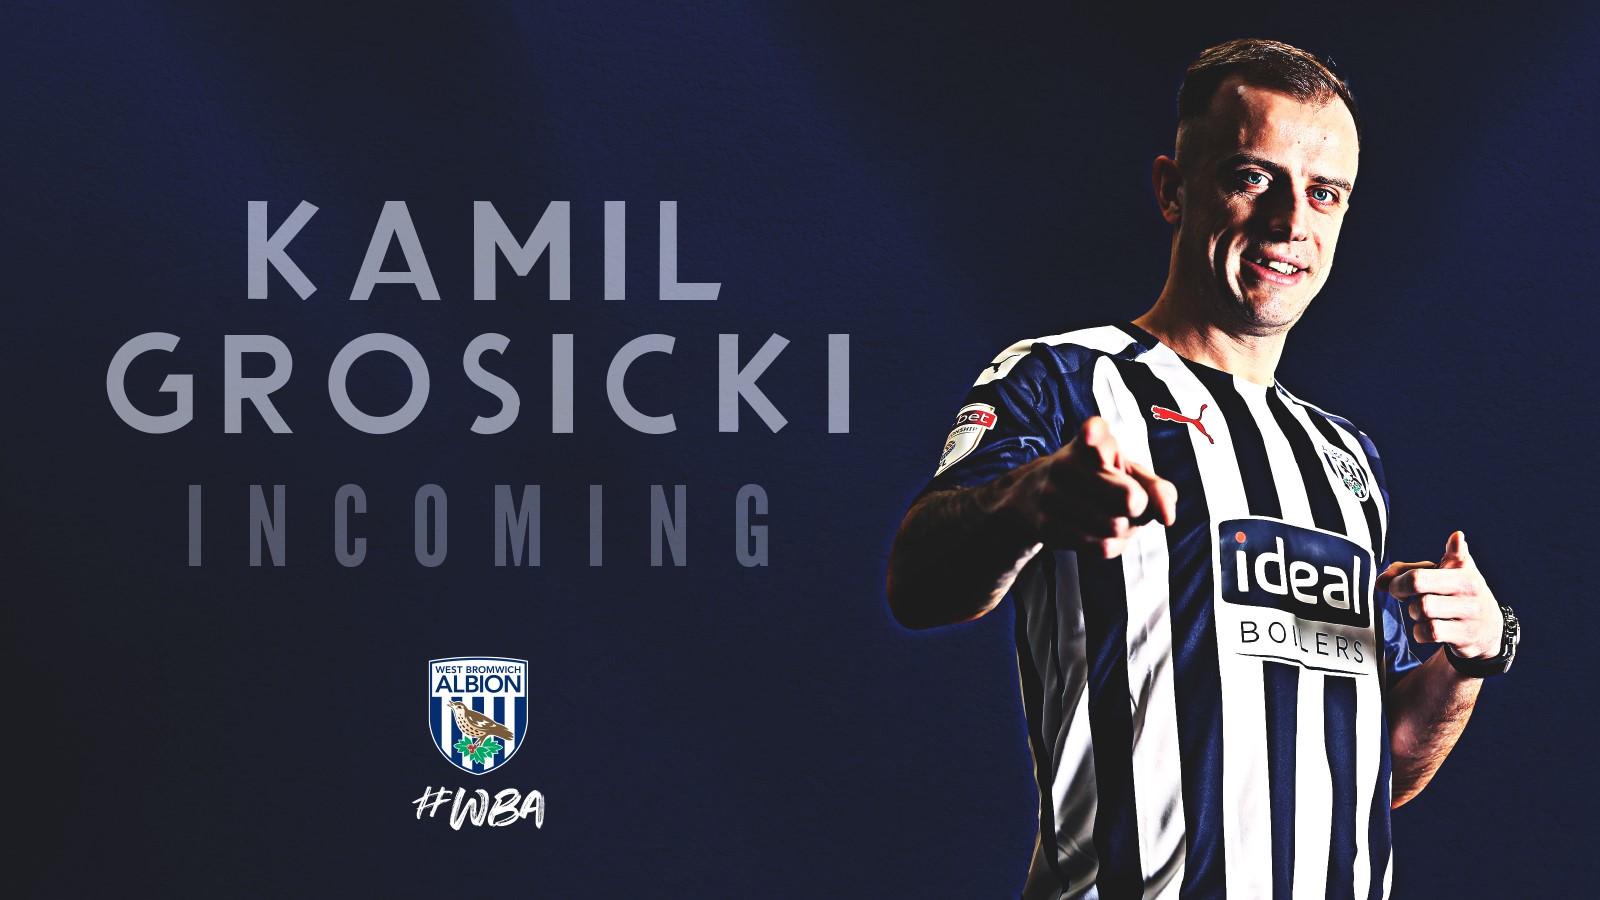 官方:波兰国脚边锋格罗西茨基加盟西布朗,签约一年半